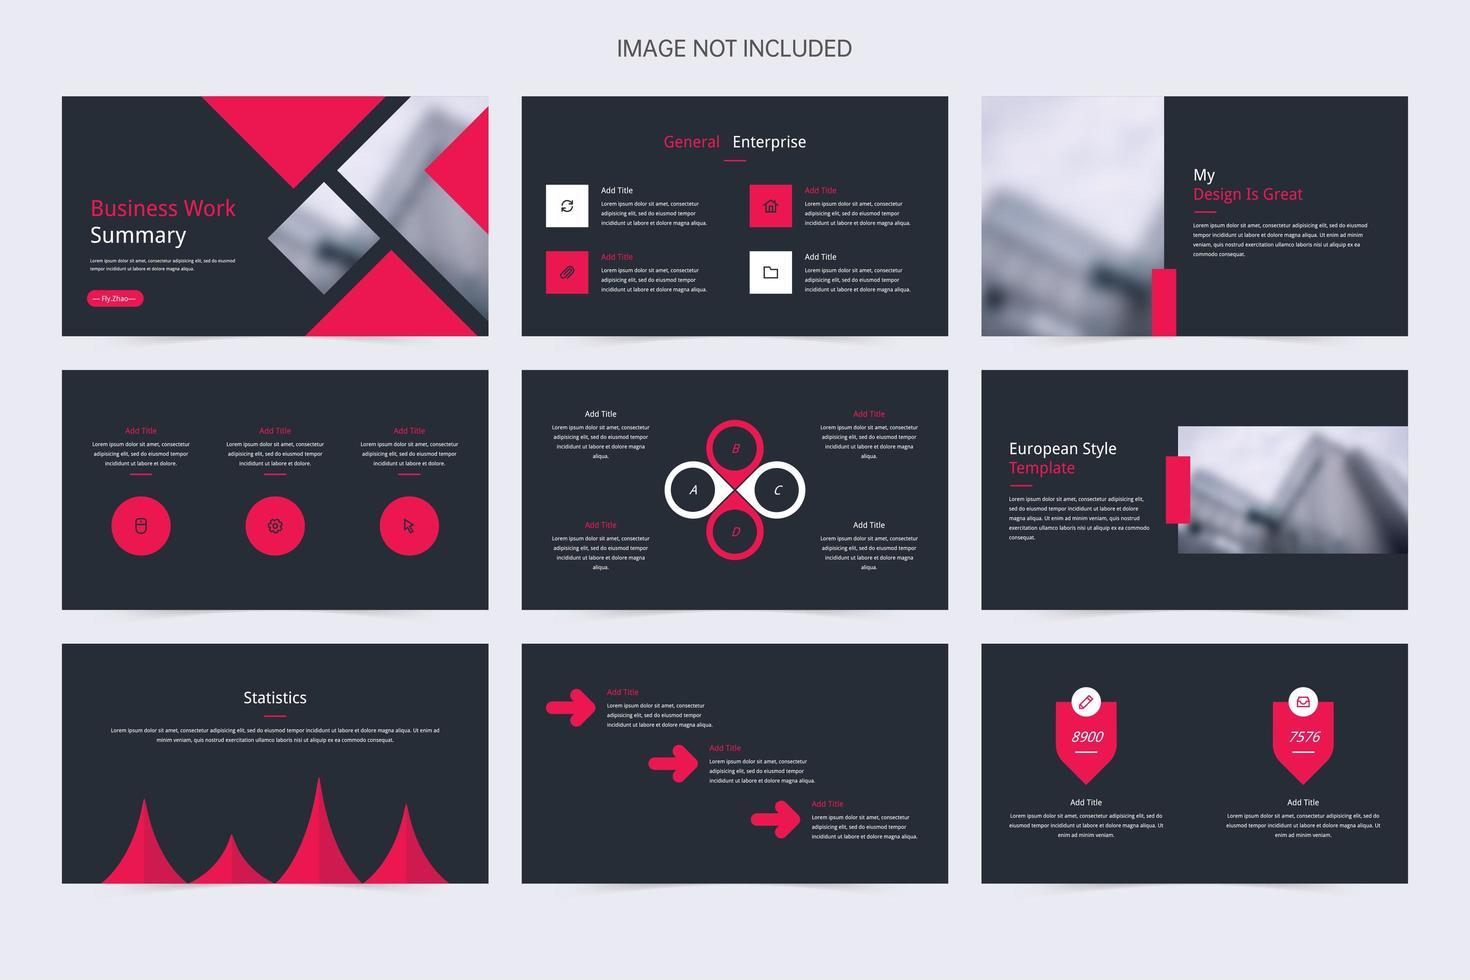 minimalistische grijze en rode diapresentatie van het bedrijf vector